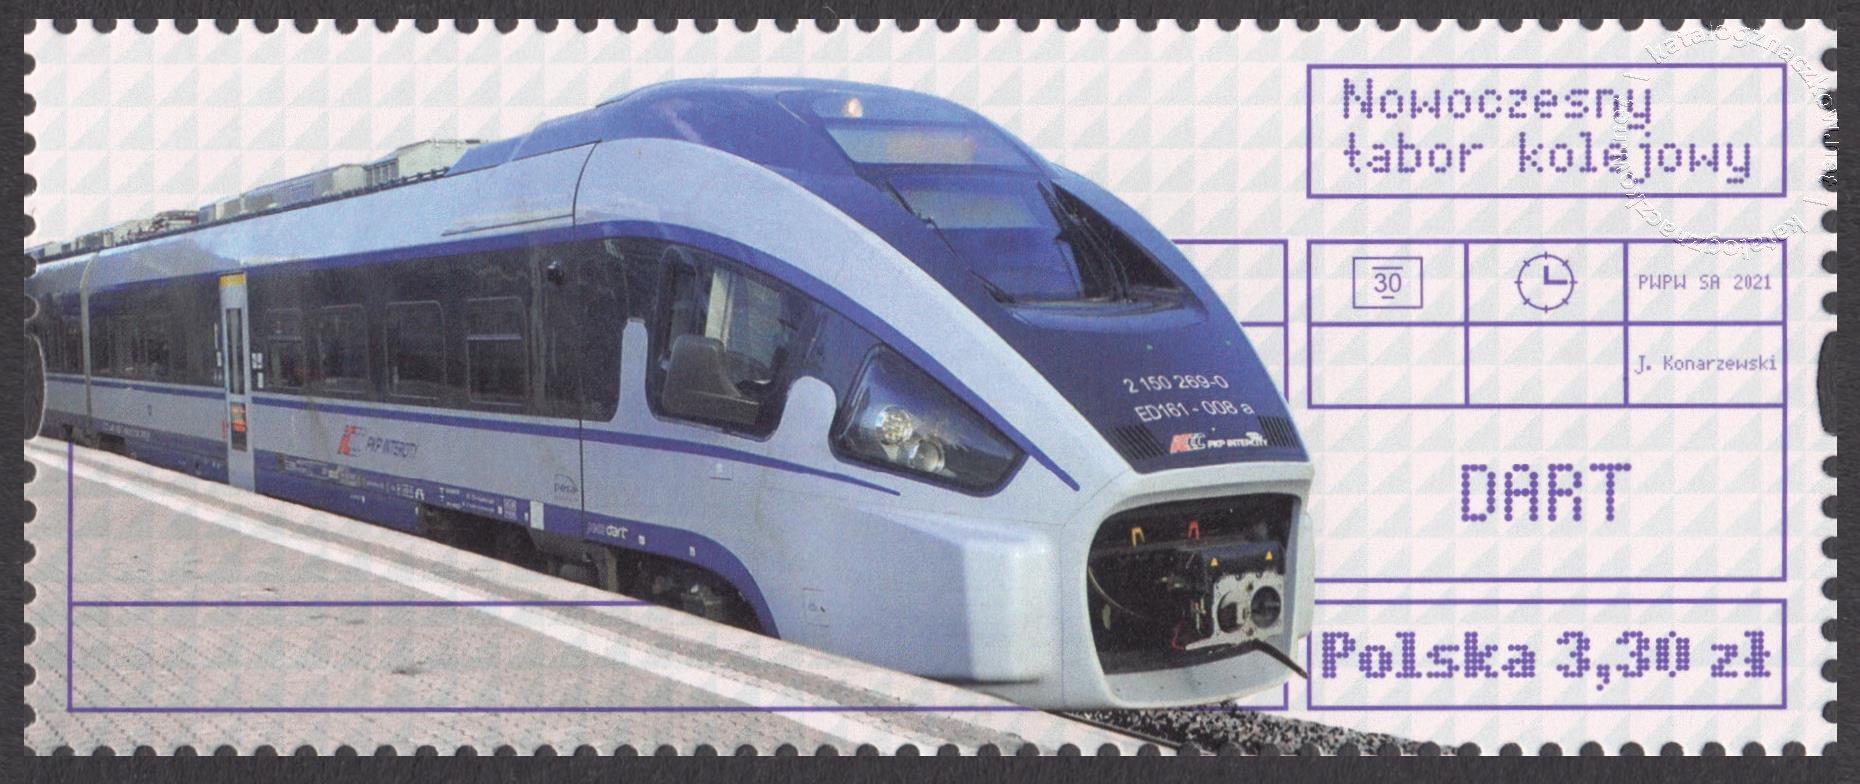 Nowoczesny tabor kolejowy znaczek nr 5136B